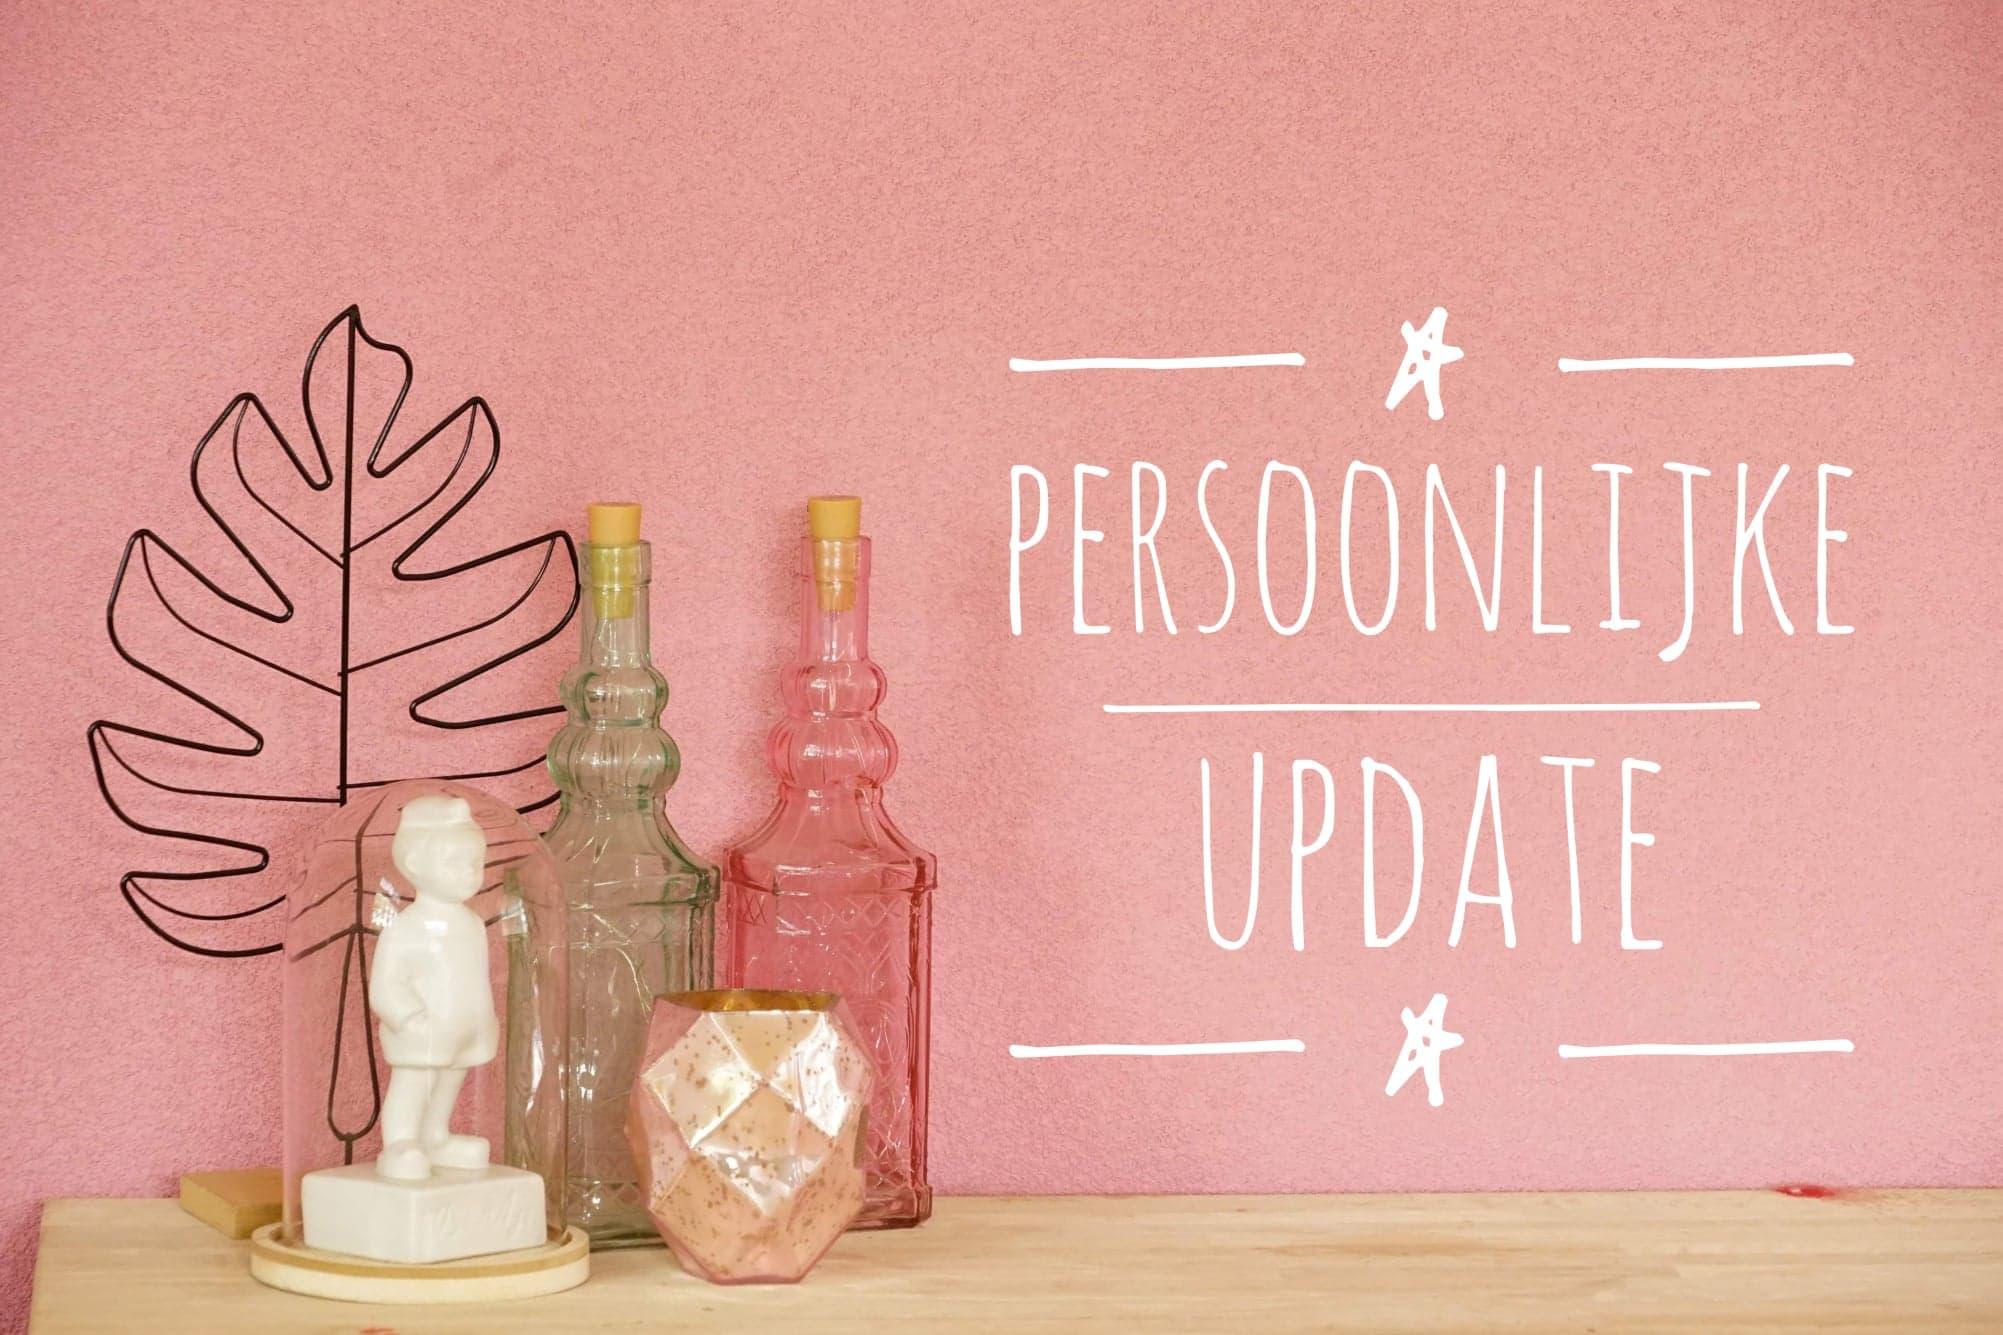 persoonlijke update